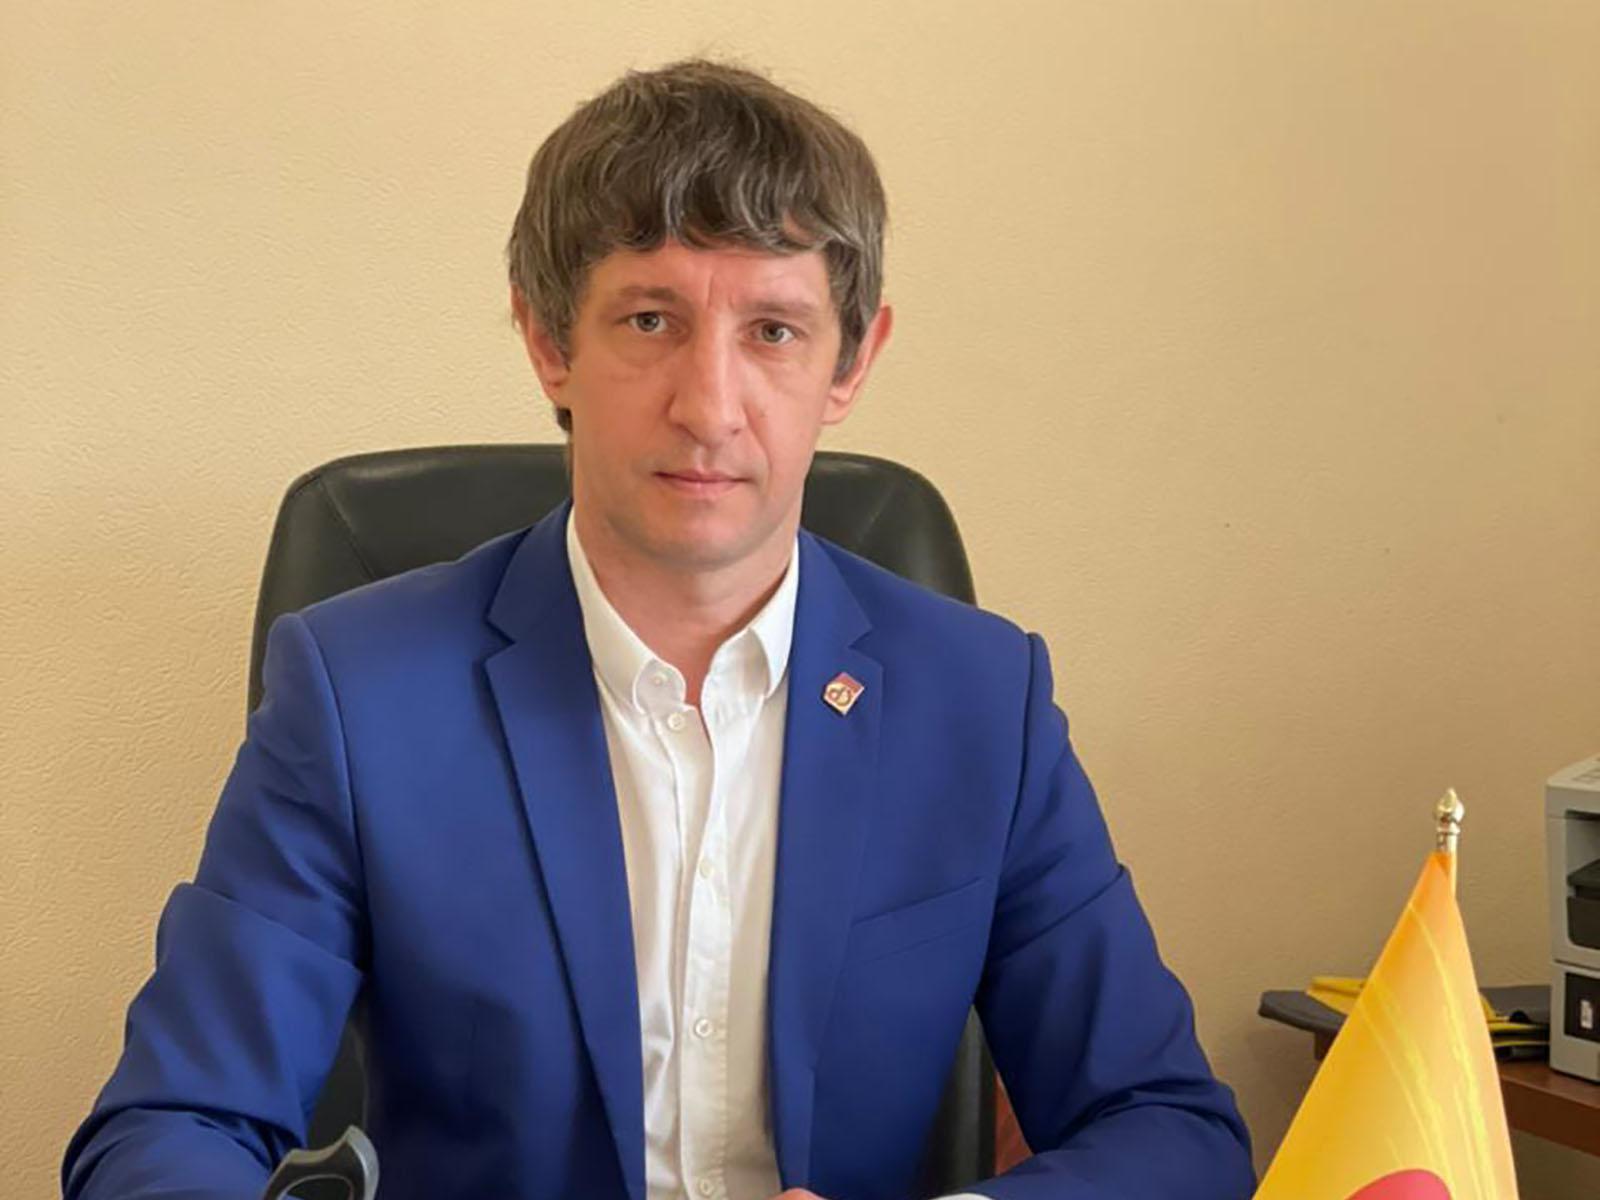 Алексей Николаевич Тимошков - брянский девелопер с более чем 15 летним стажем строительства и управления недвижимостью